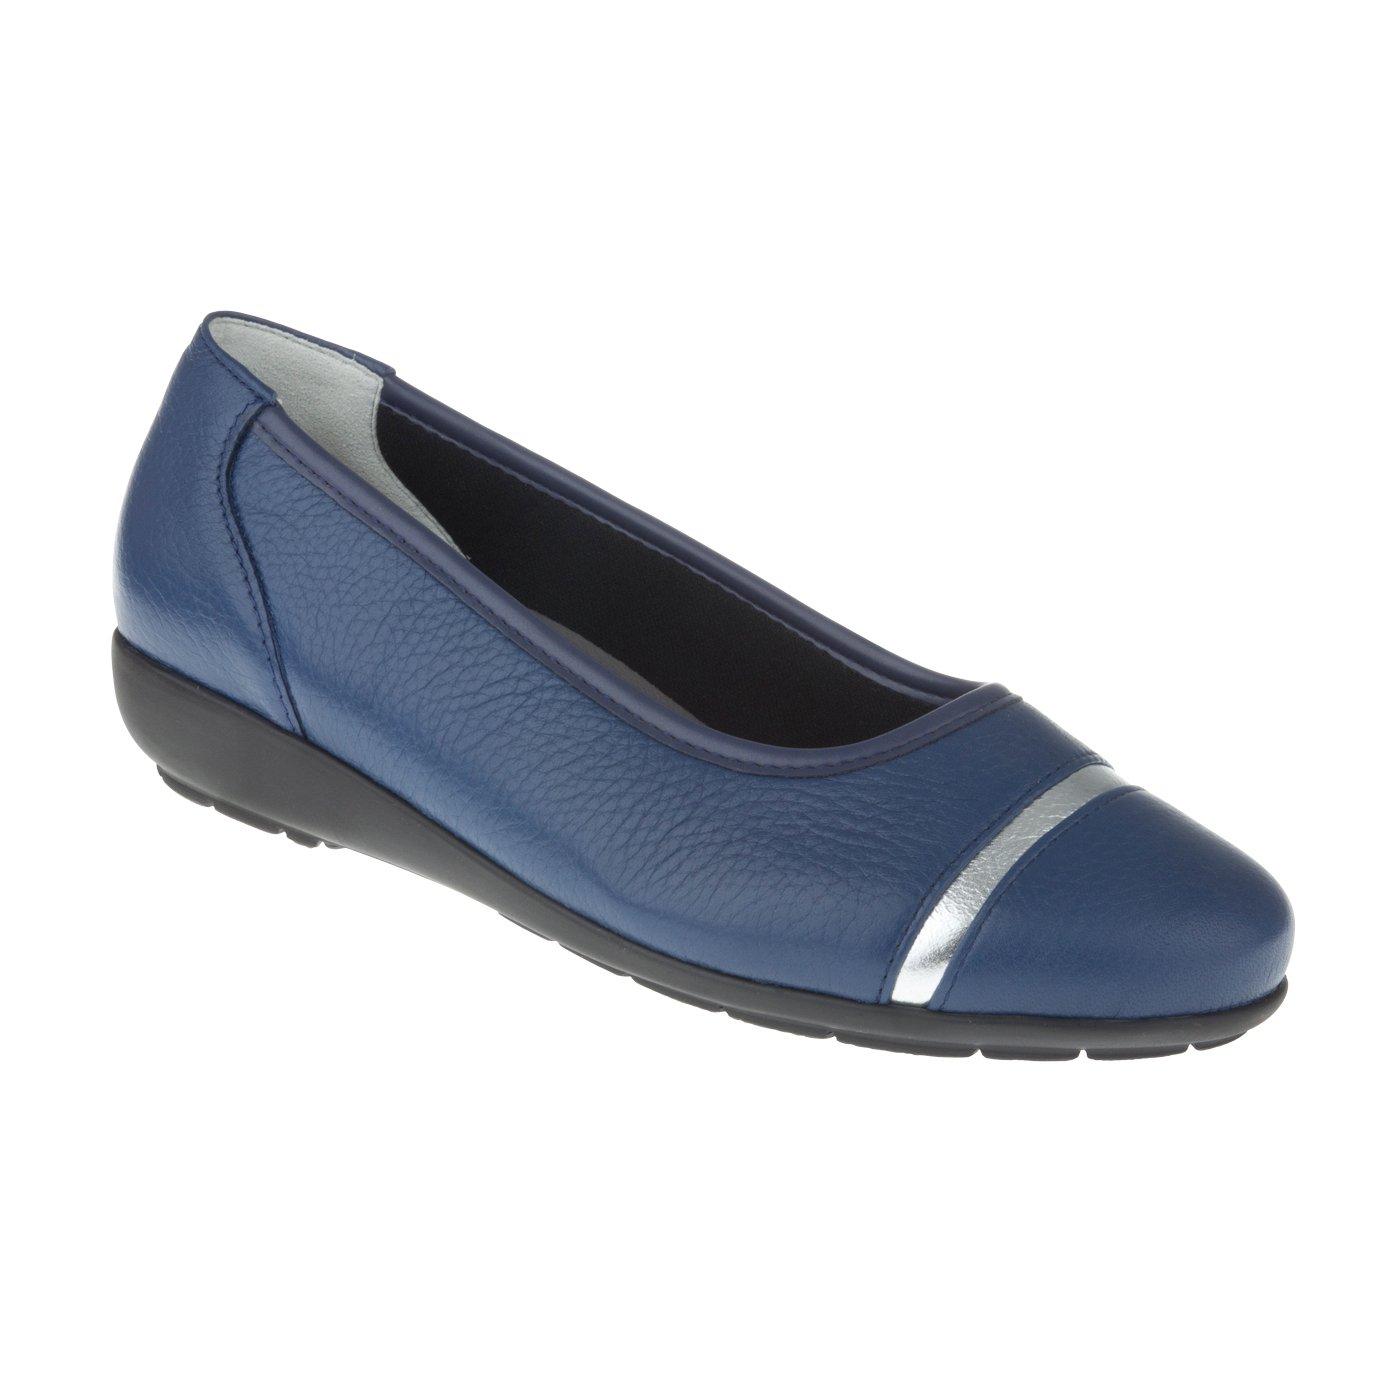 Tessamino Damen elegant Ballerina aus Hirschleder   elegant Damen   Weite H   für Einlagen Blau 22a358